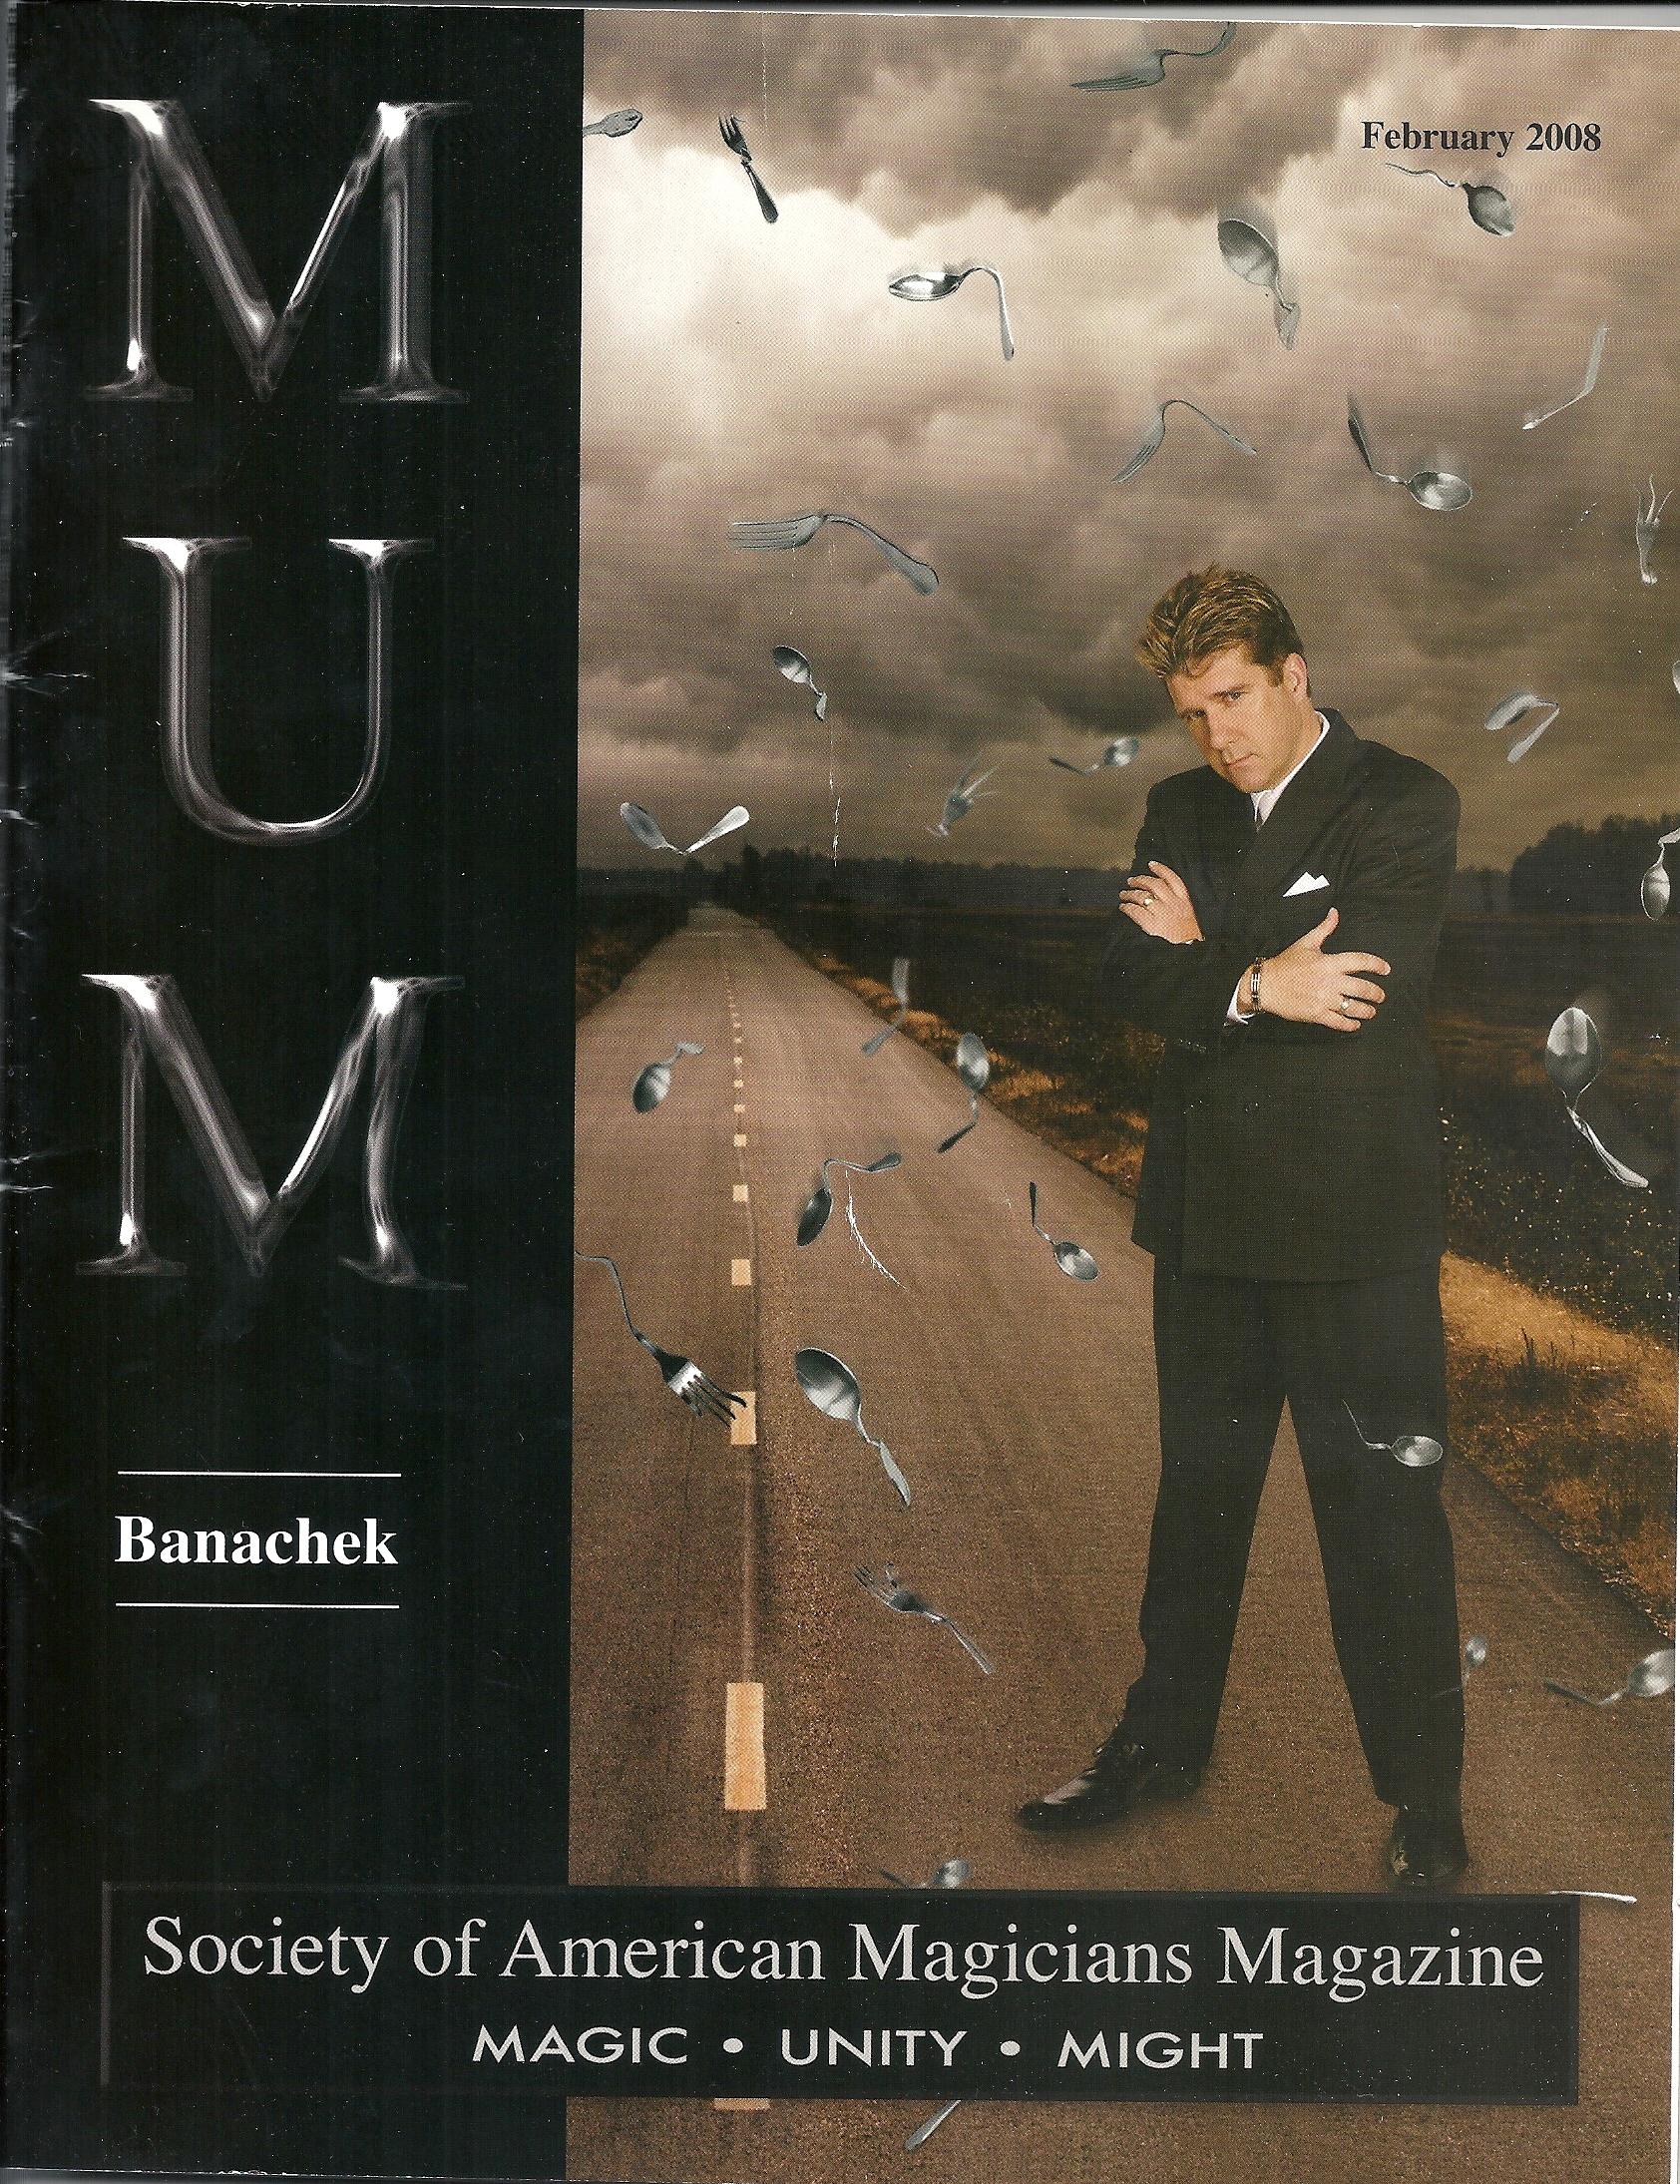 MUM Magazine Banachek Cover Feb 2008